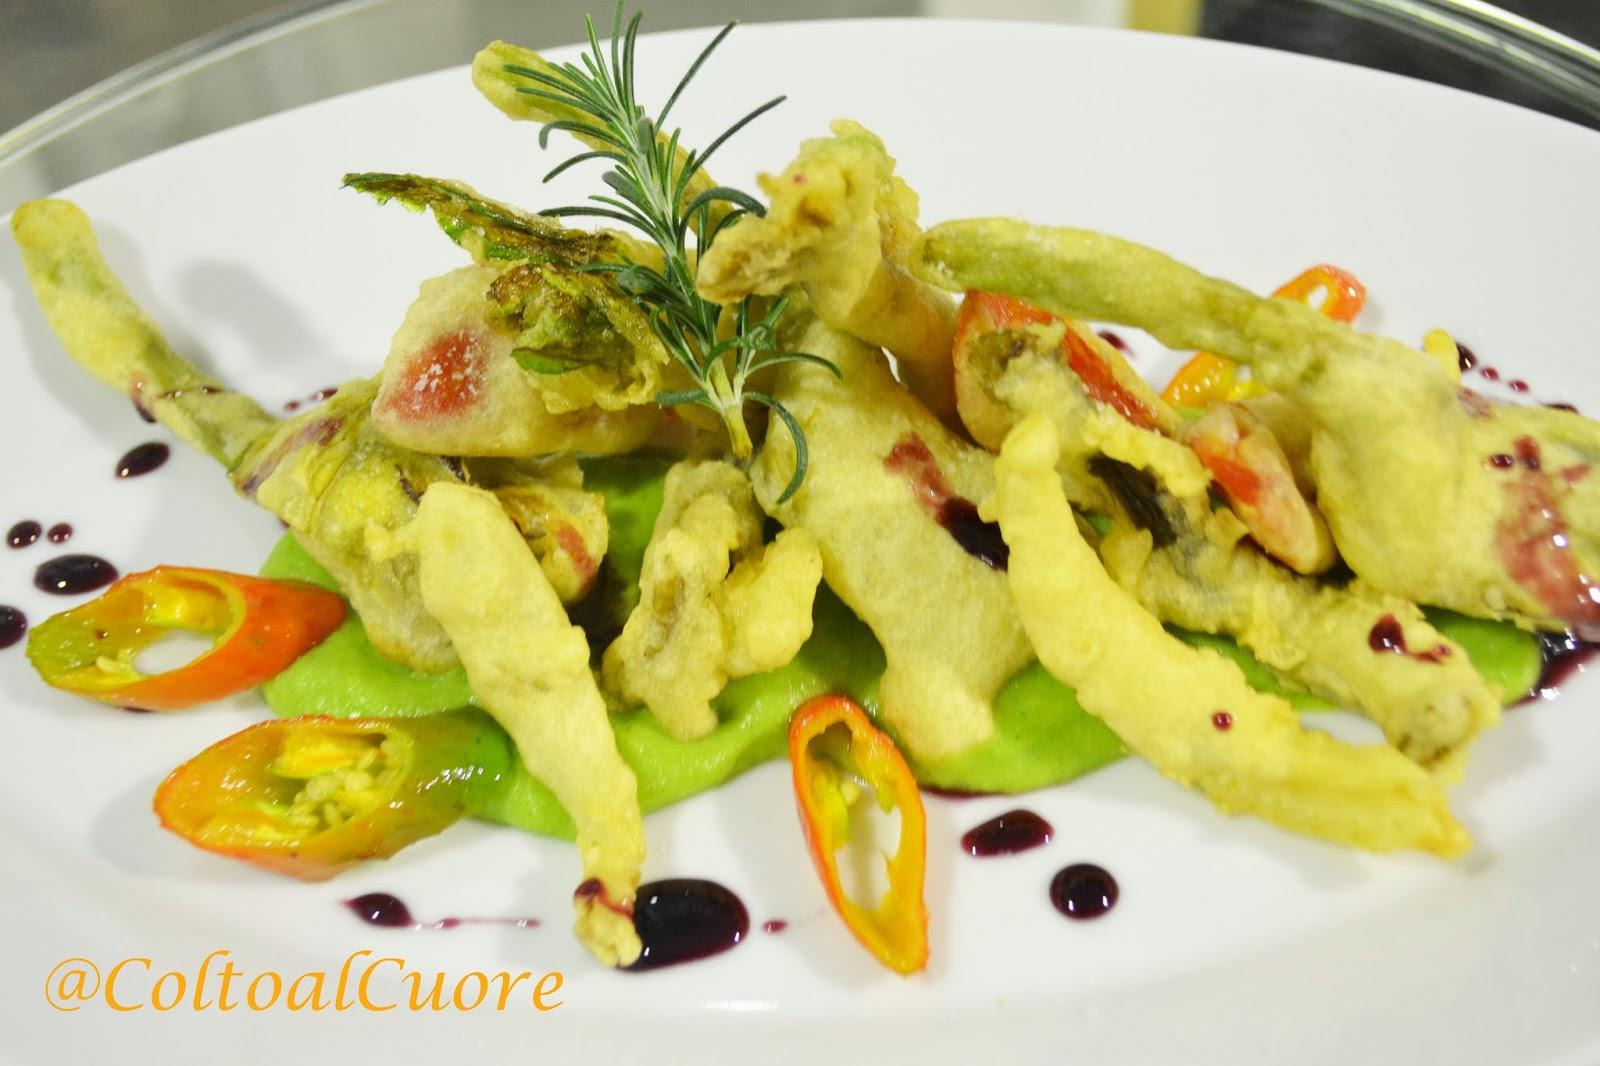 Spizzica in Salento...: Colto al Cuore - Corsi di Cucina Salentina